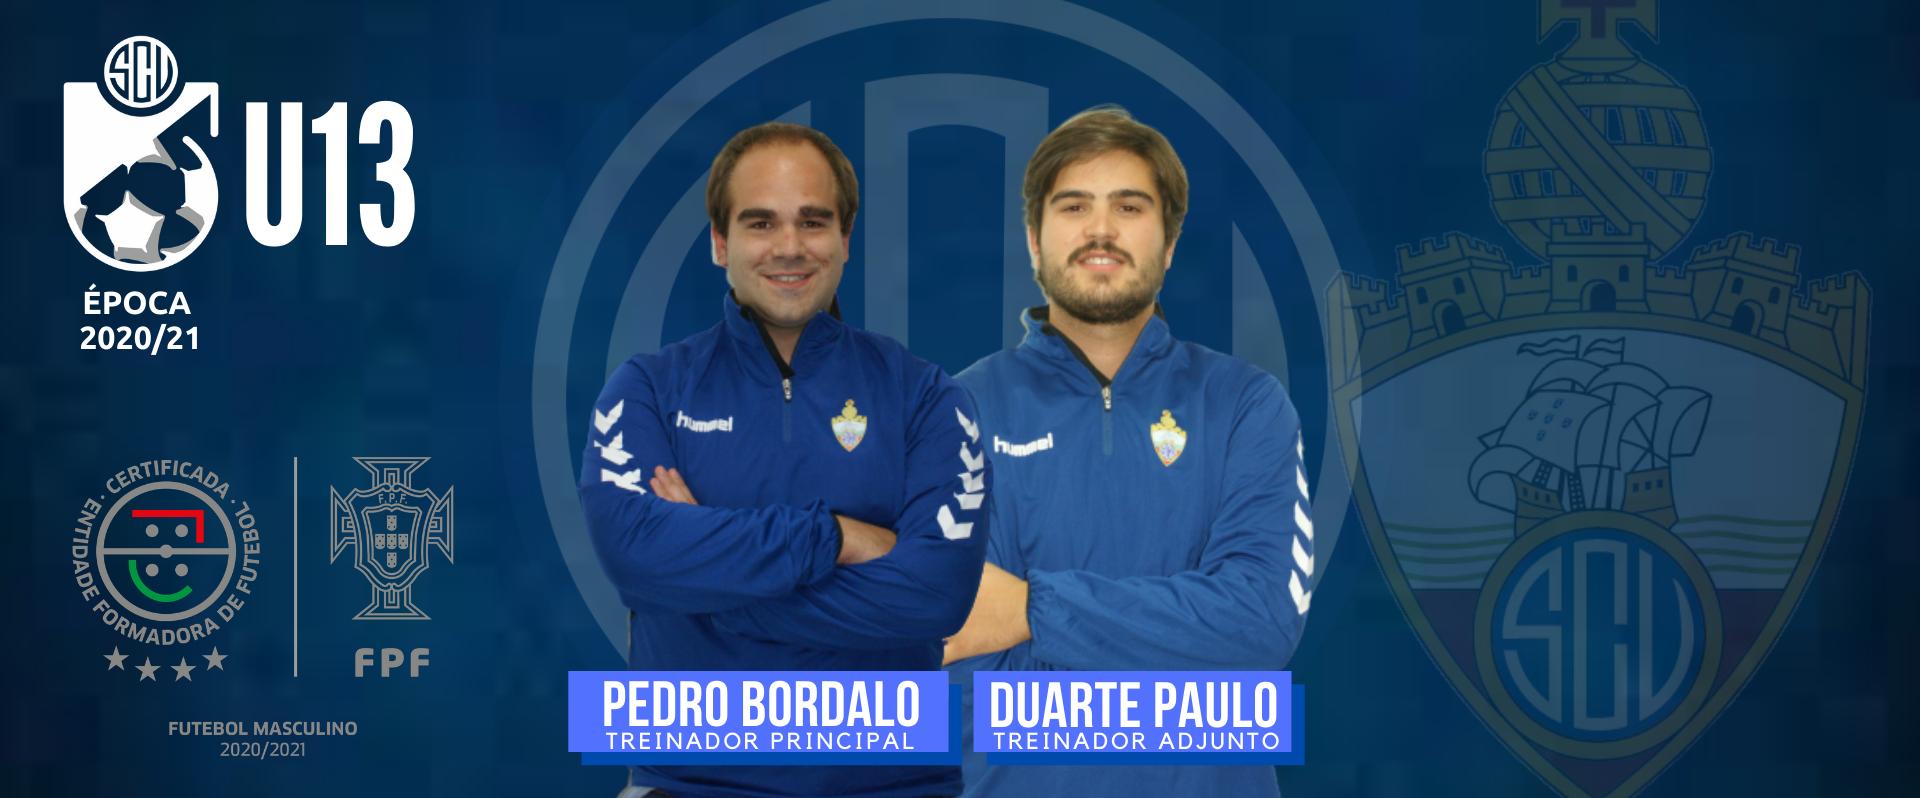 Pedro Bordalo e Duarte Paulo nos U13